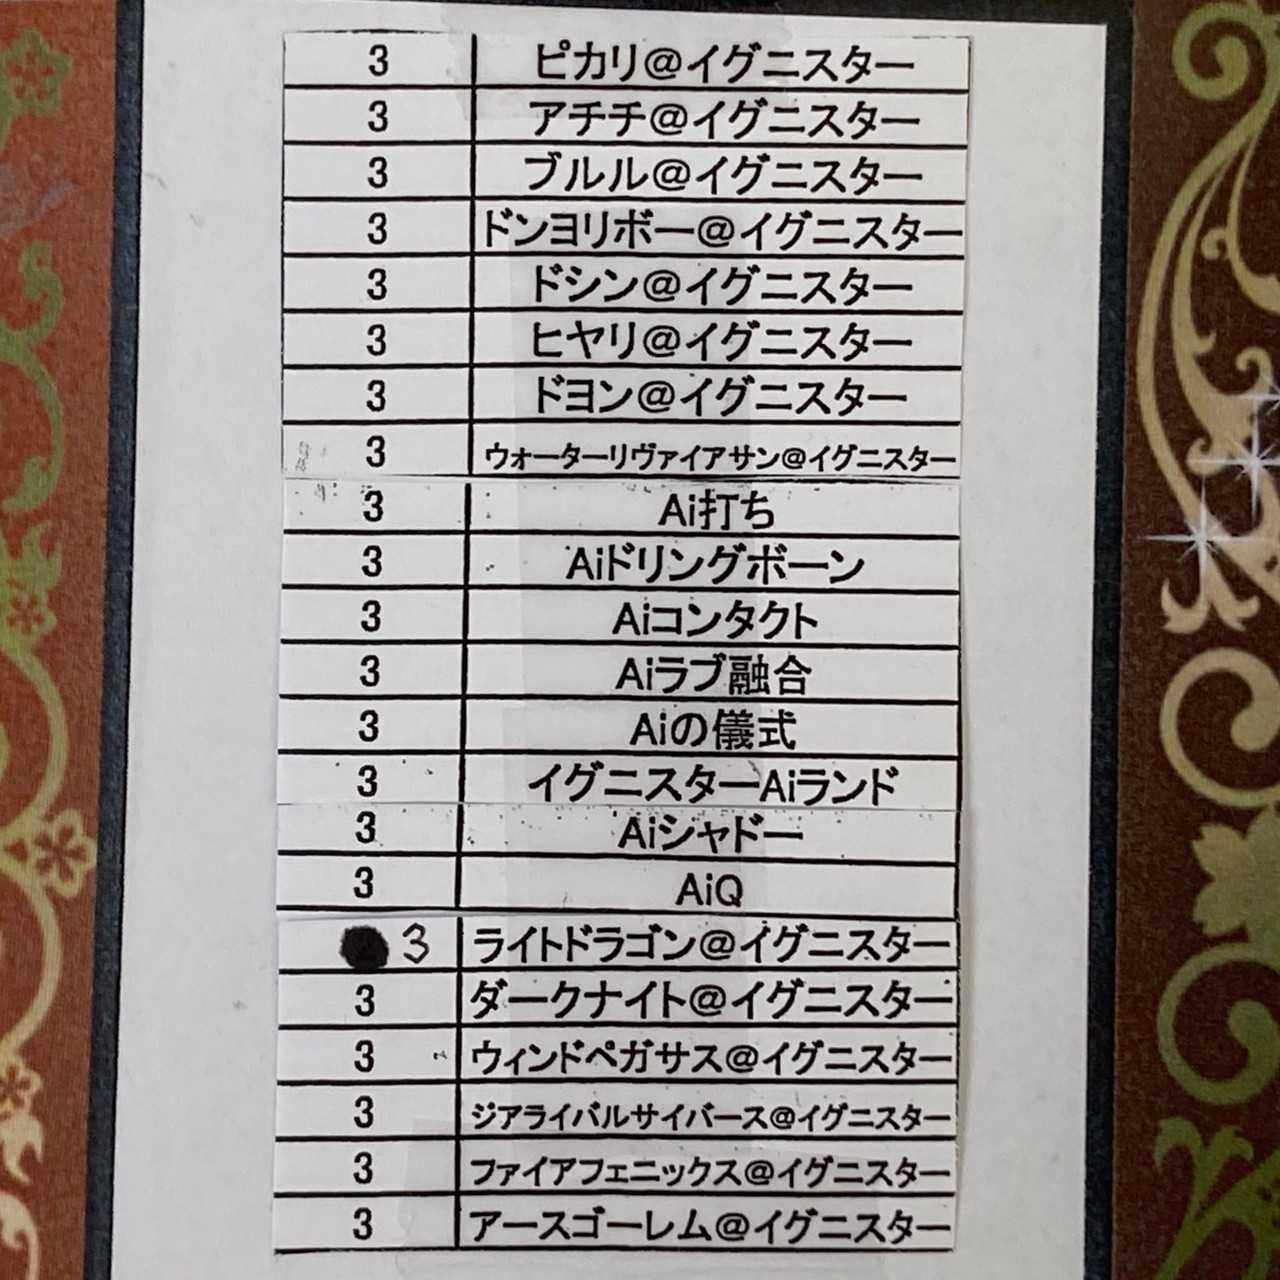 ★遊戯王 イグニスターデッキ ダークナイト、ジアライバルサイバース(C0340)